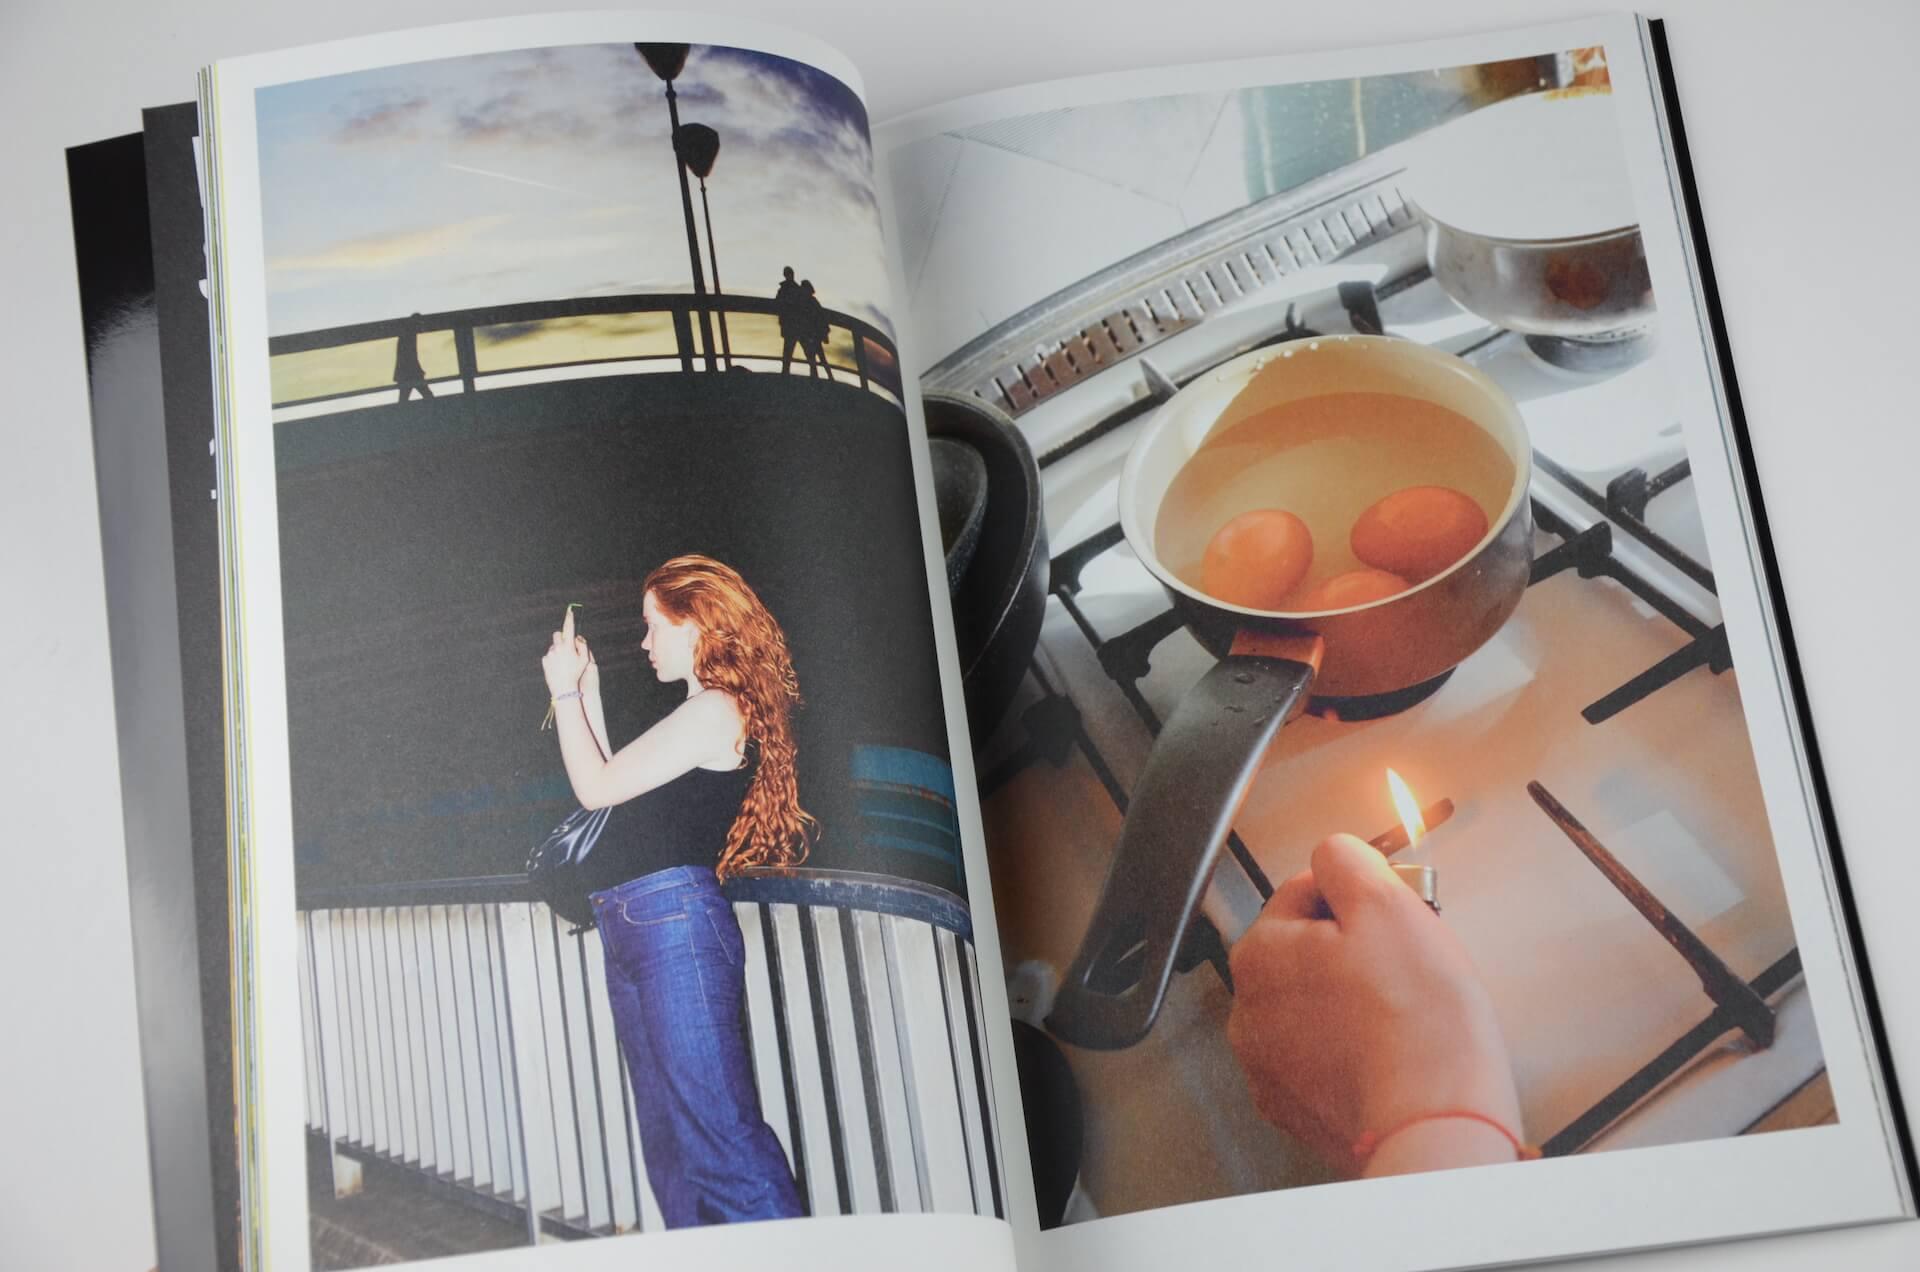 アートブックノススメ Qetic編集部が選ぶ5冊/Davide Sorrenti 他 art210322_artbook-021